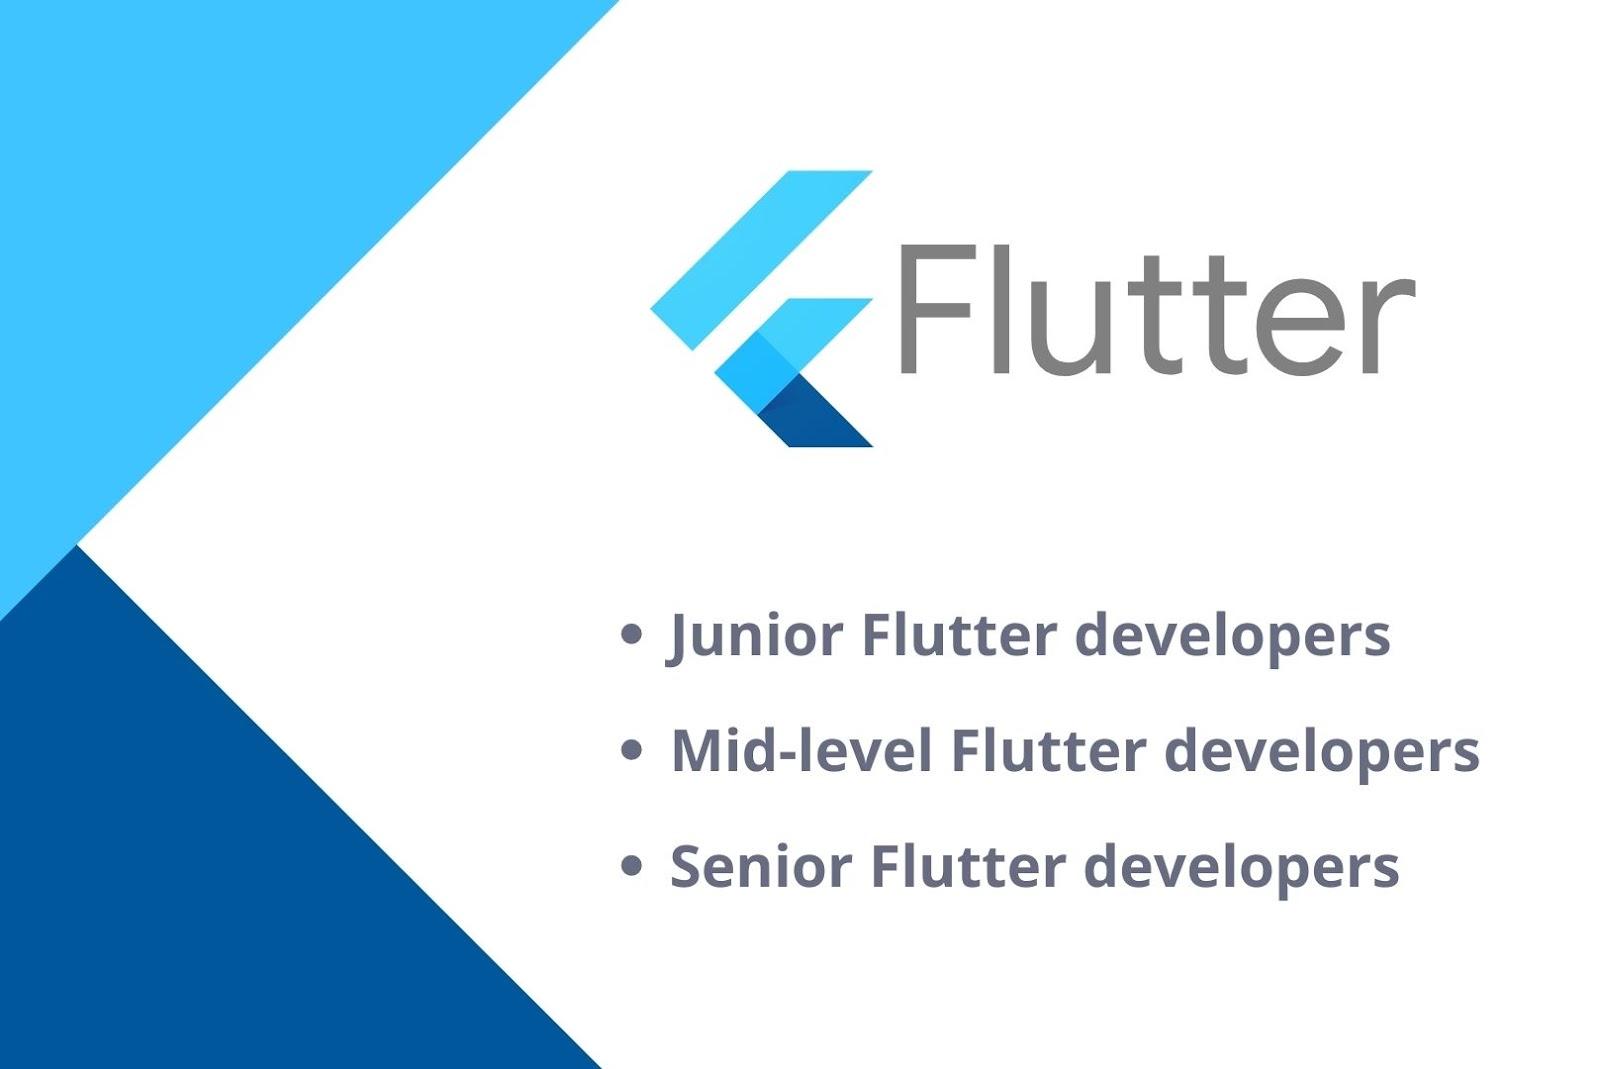 Flutter app developers